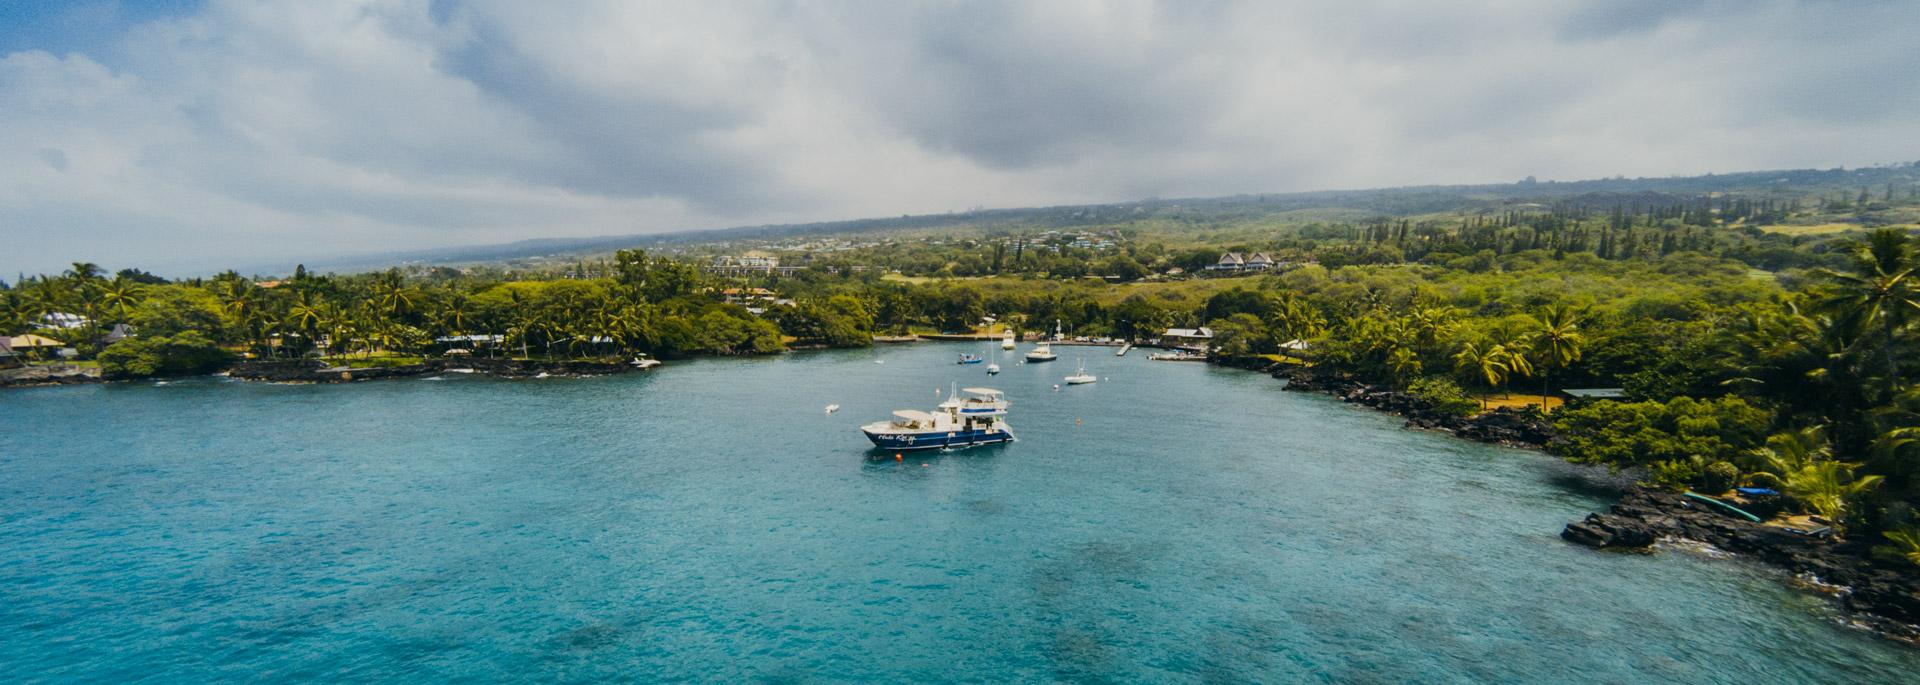 hawaiiboat